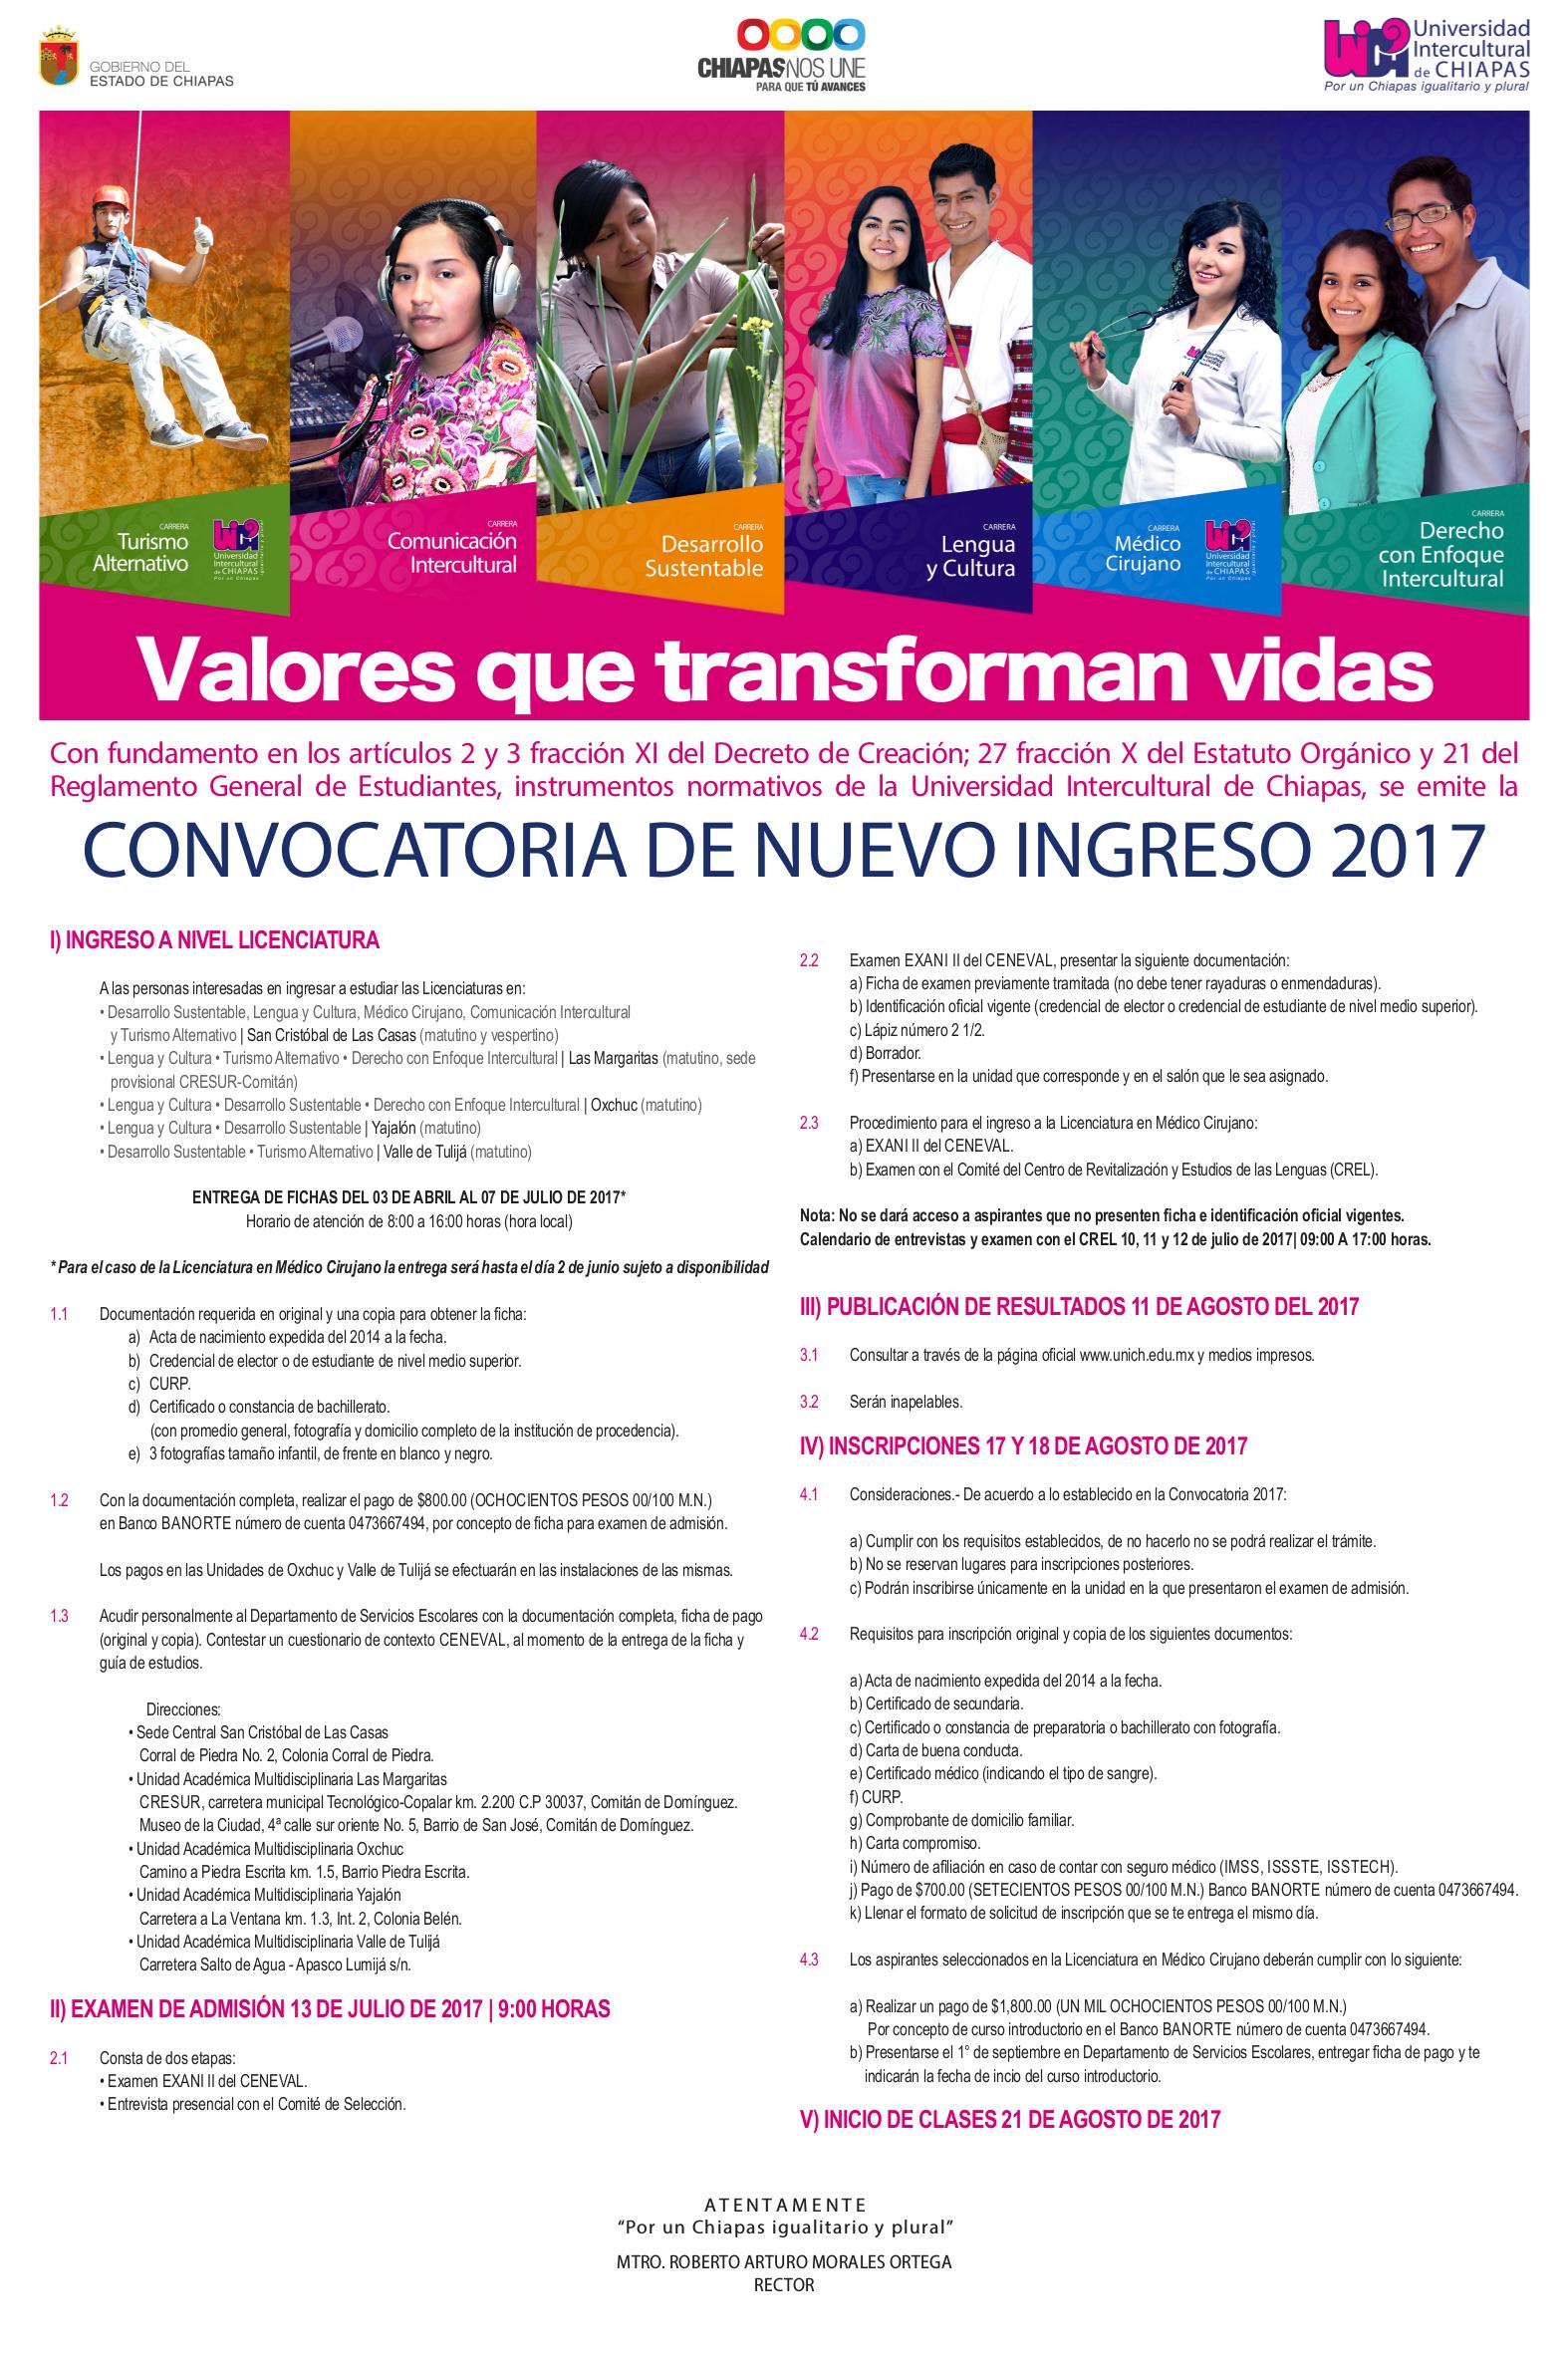 Convocatoria de nuevo ingreso 2017 for Convocatoria de docentes 2017